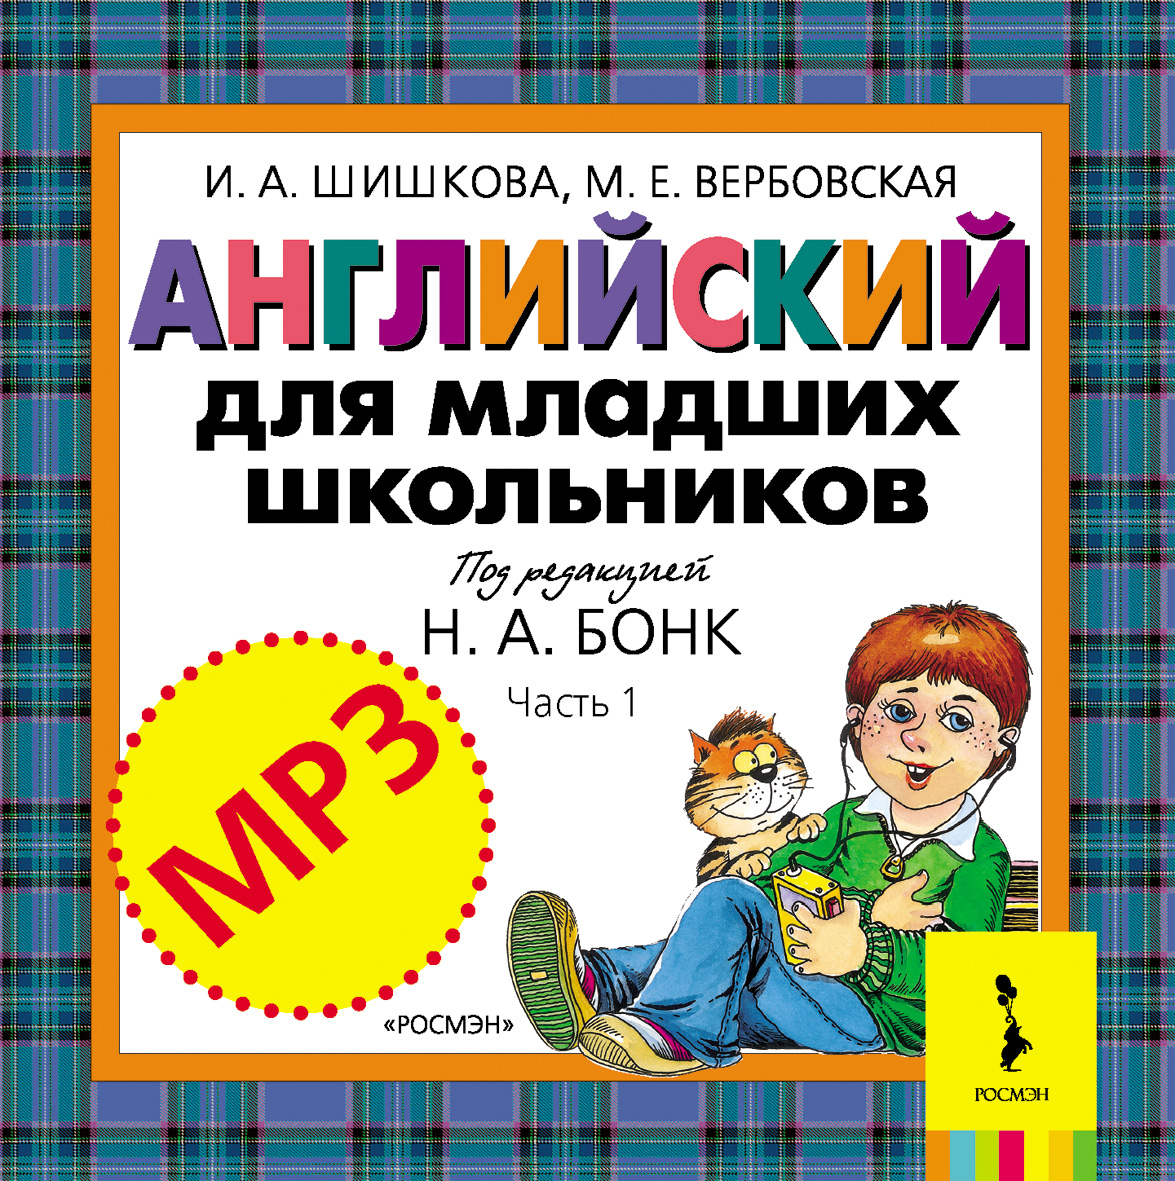 Английский для младших школьников. Часть 1 (аудиоприложение) фото